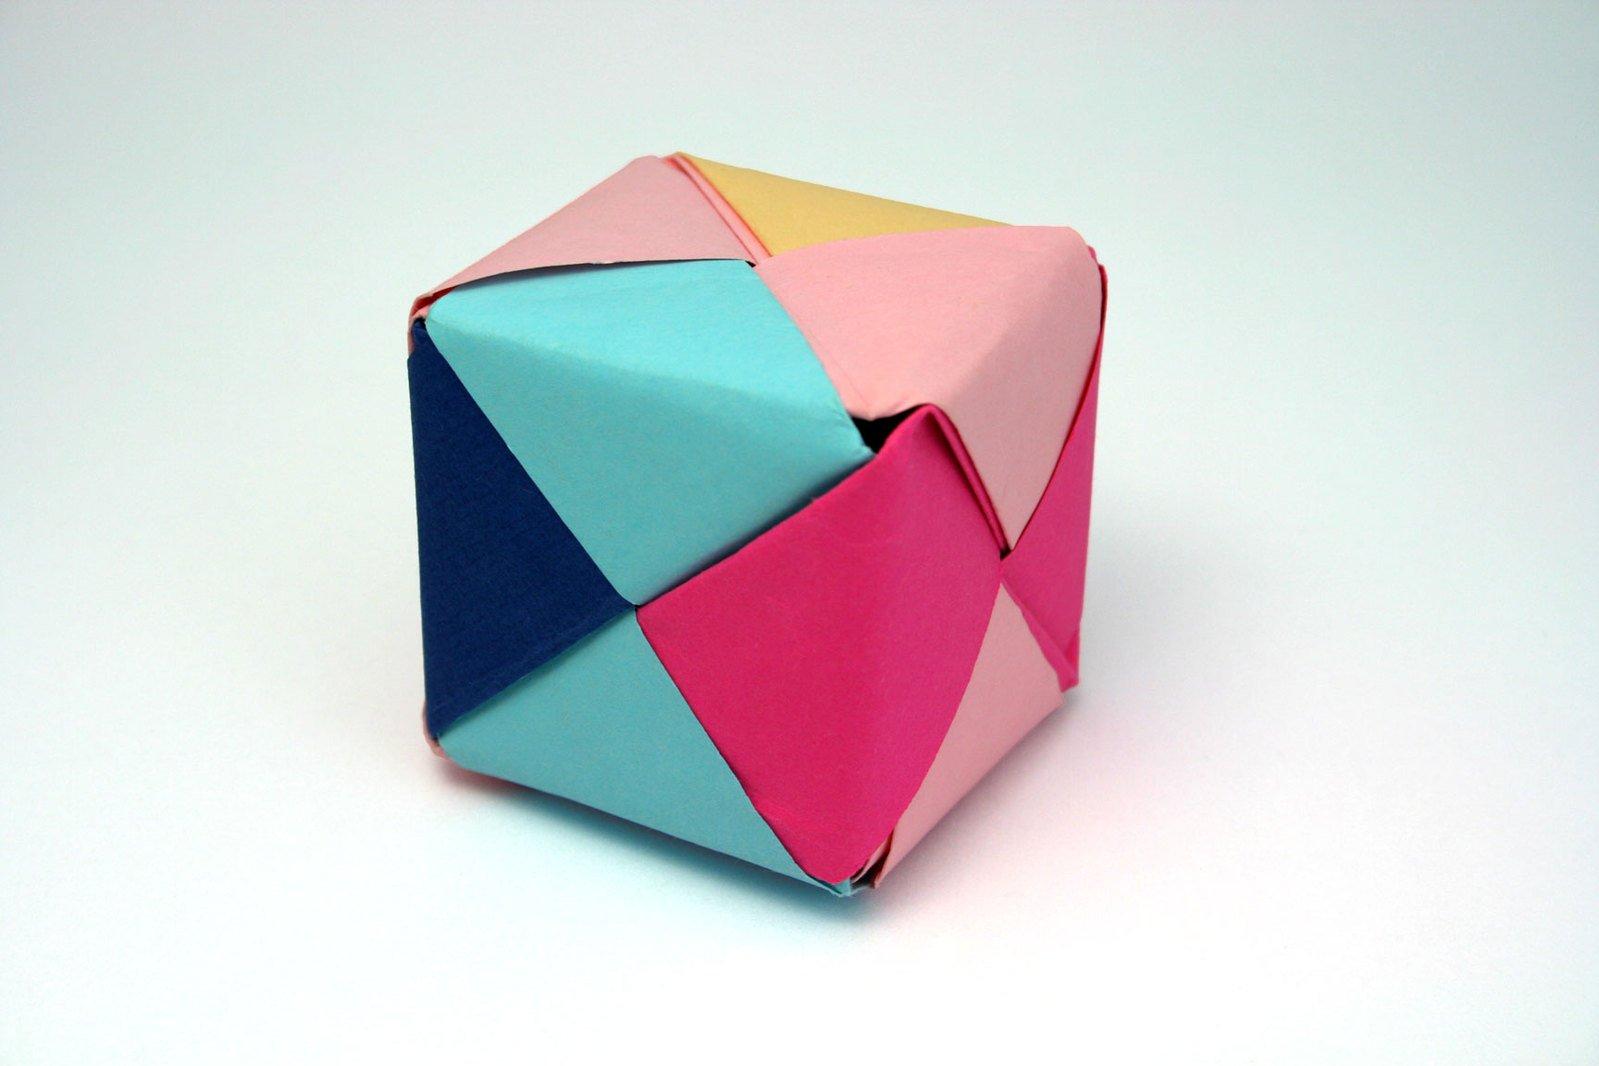 Free Caixa De Origami Stock Photo Freeimagescom